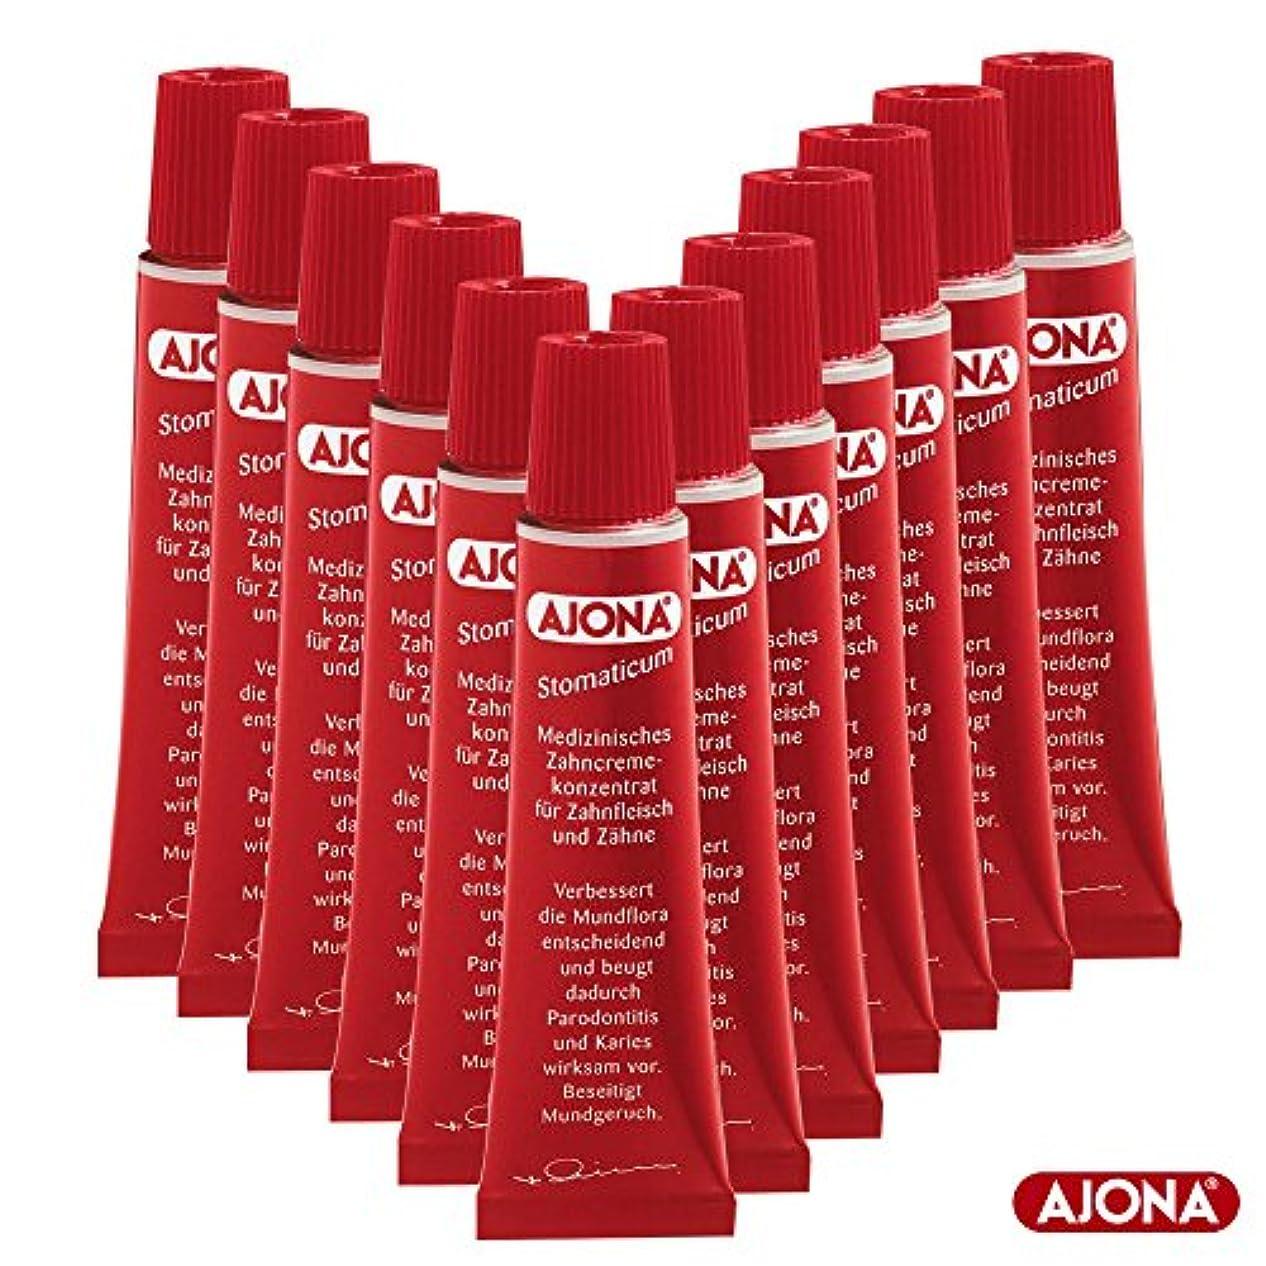 発送追記引っ張るAjona 濃縮歯磨き粉 Stomaticum Toothpaste 25ml(12x 25ml)-12Pack [並行輸入品]